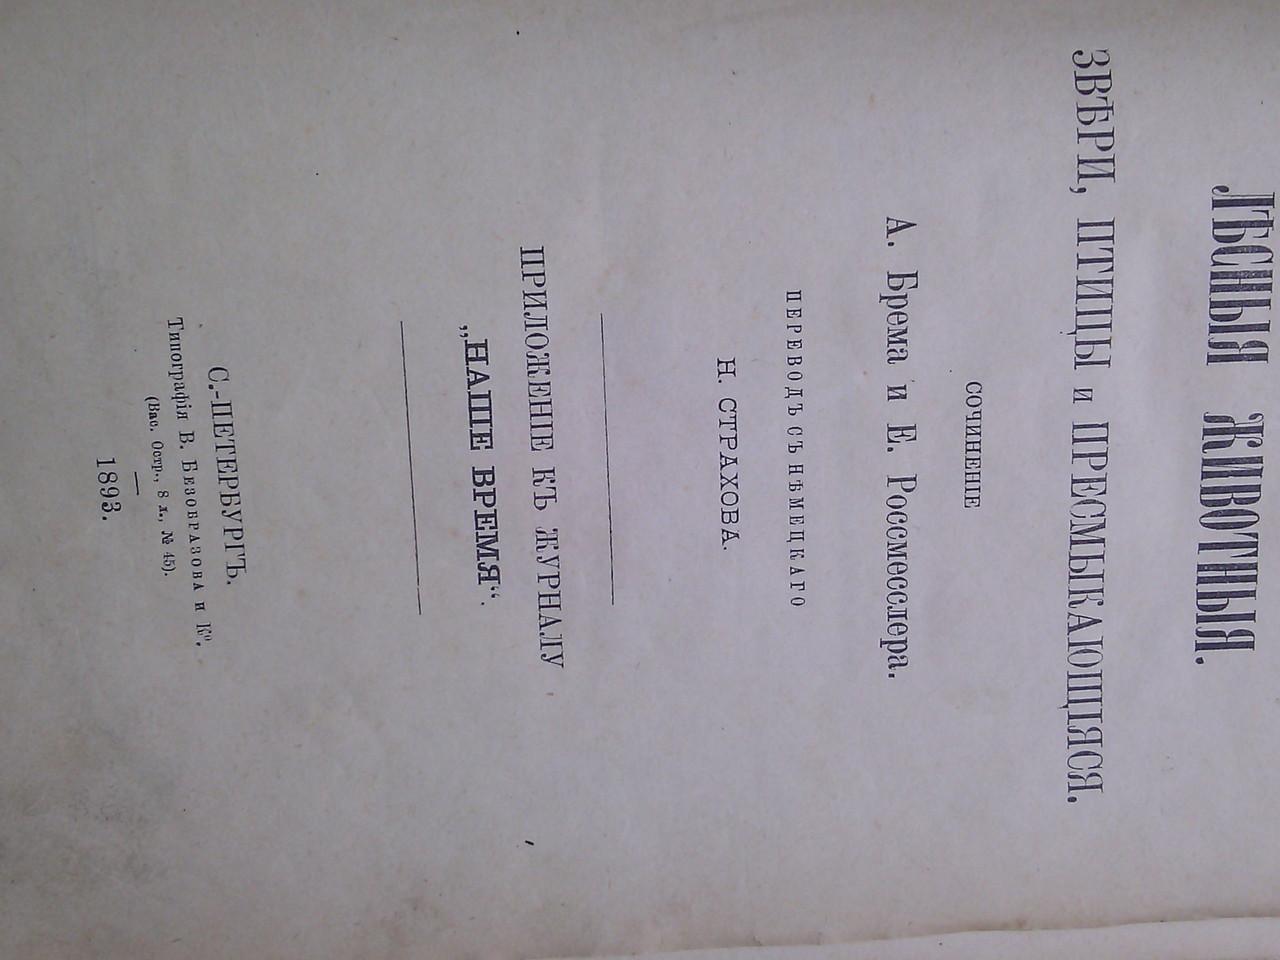 Книга Лесные животные звери птицы и пресмыкающиеся А Брем К.Россмесслер  СПБ 1893 год